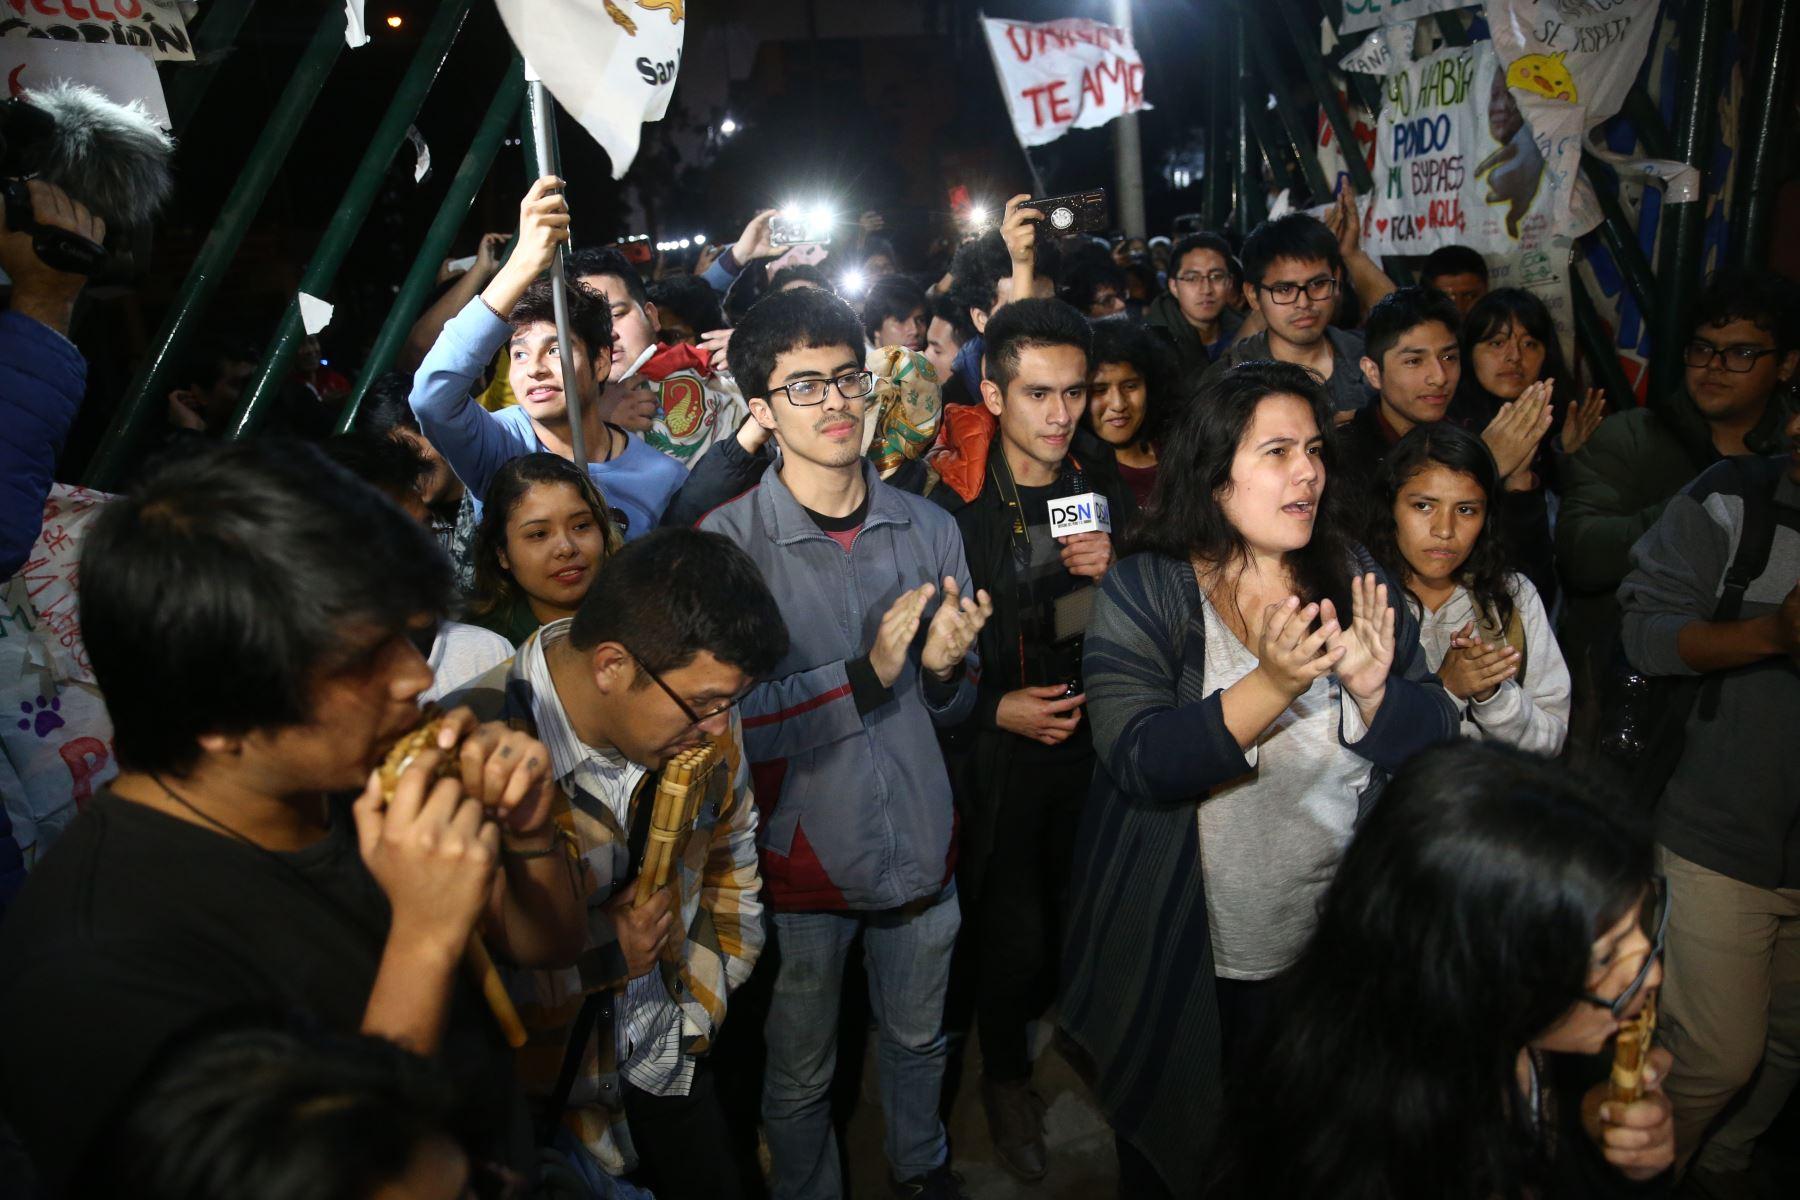 Los estudiantes de la Universidad Nacional Mayor de San Marcos (UNMSM), que tomaron el campus desde el 17 de setiembre en protesta por el proyecto vial de la avenida Venezuela, levantan su medida de fuerza y reabren las puertas de la Decana de América. Foto: ANDINA/Vidal Tarqui